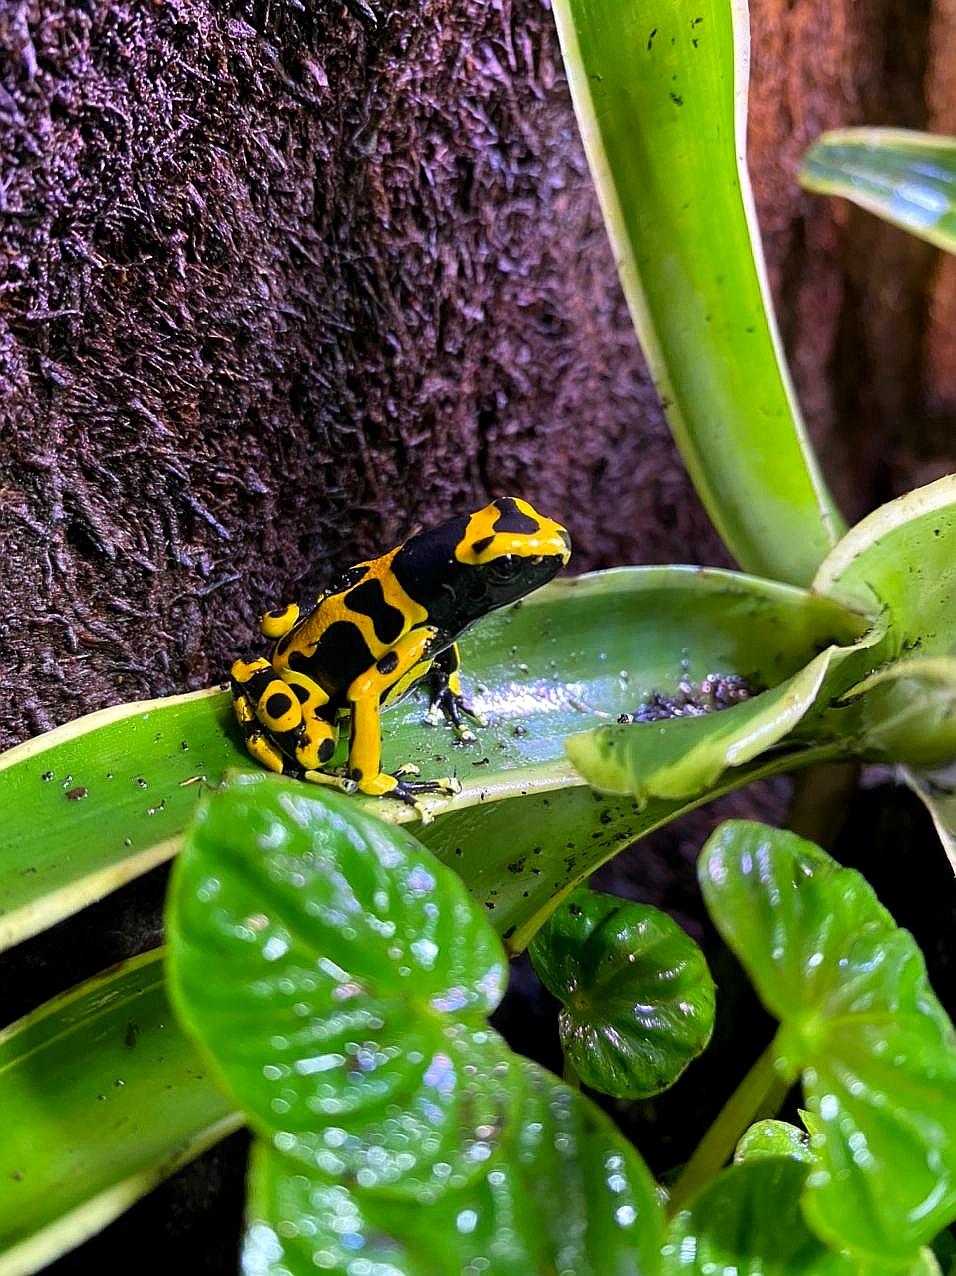 dendrobates-leucomelas-rana-freccia-dalle-bande-gialle